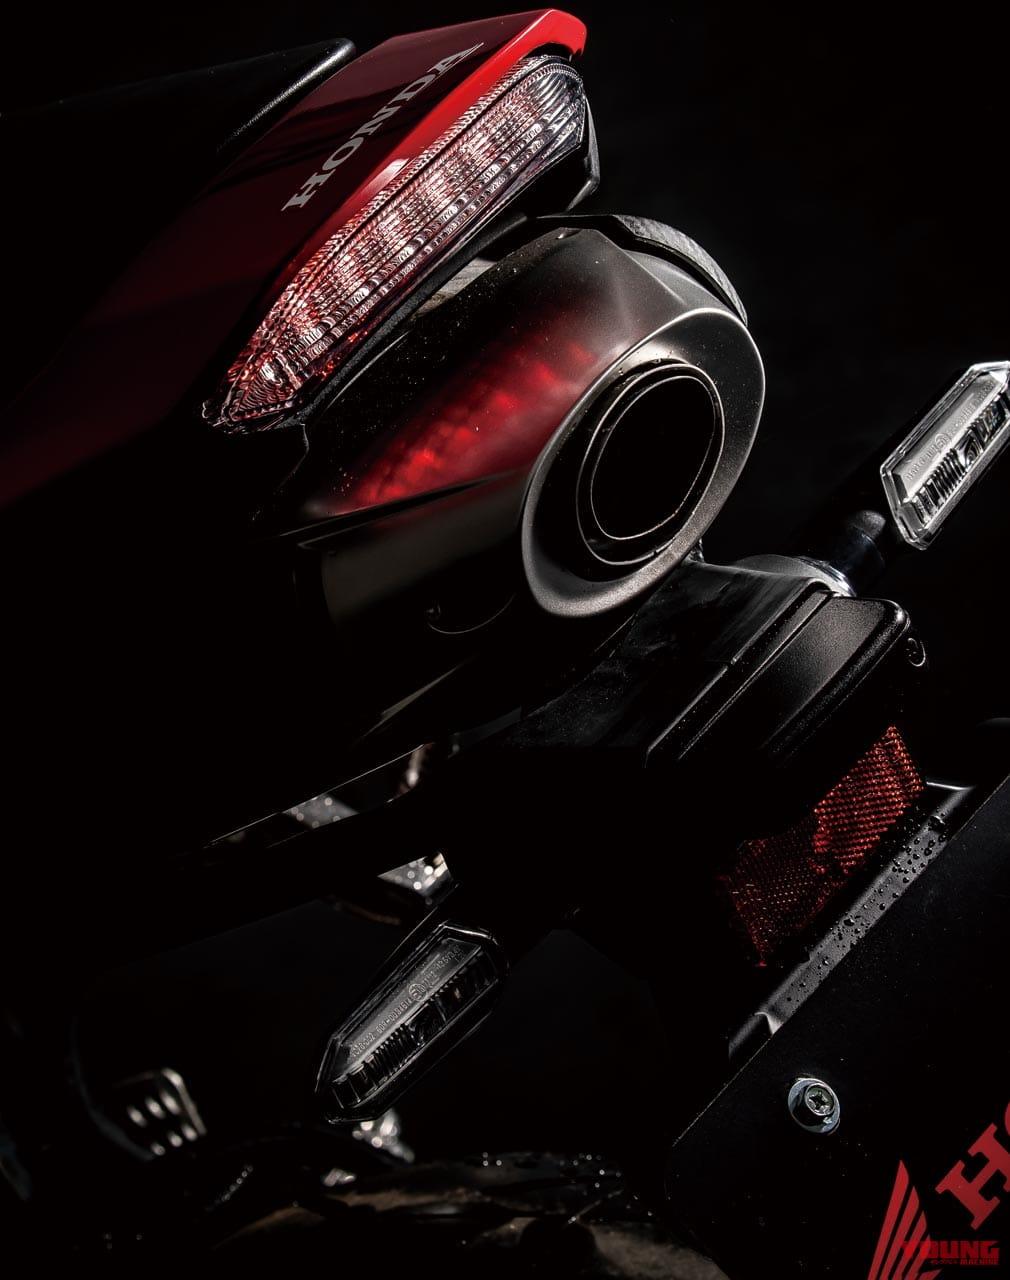 新型CBR600RR完全解説〈序文〉【ラストサムライ:内燃機関技術者の意地の塊】